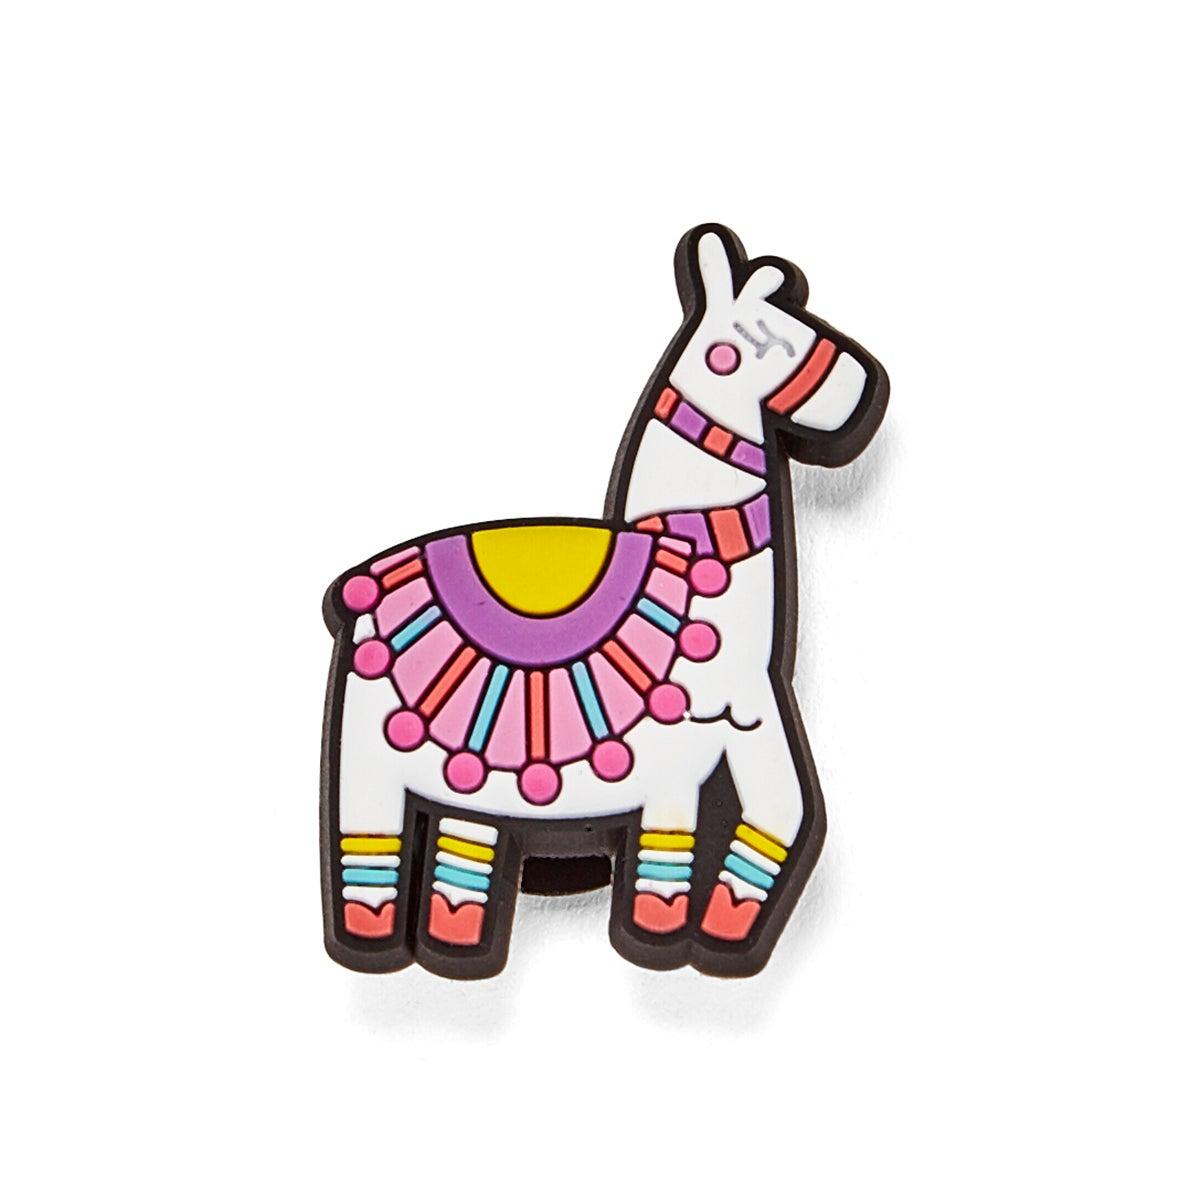 Jibbitz Accessories Jibbitz Llama